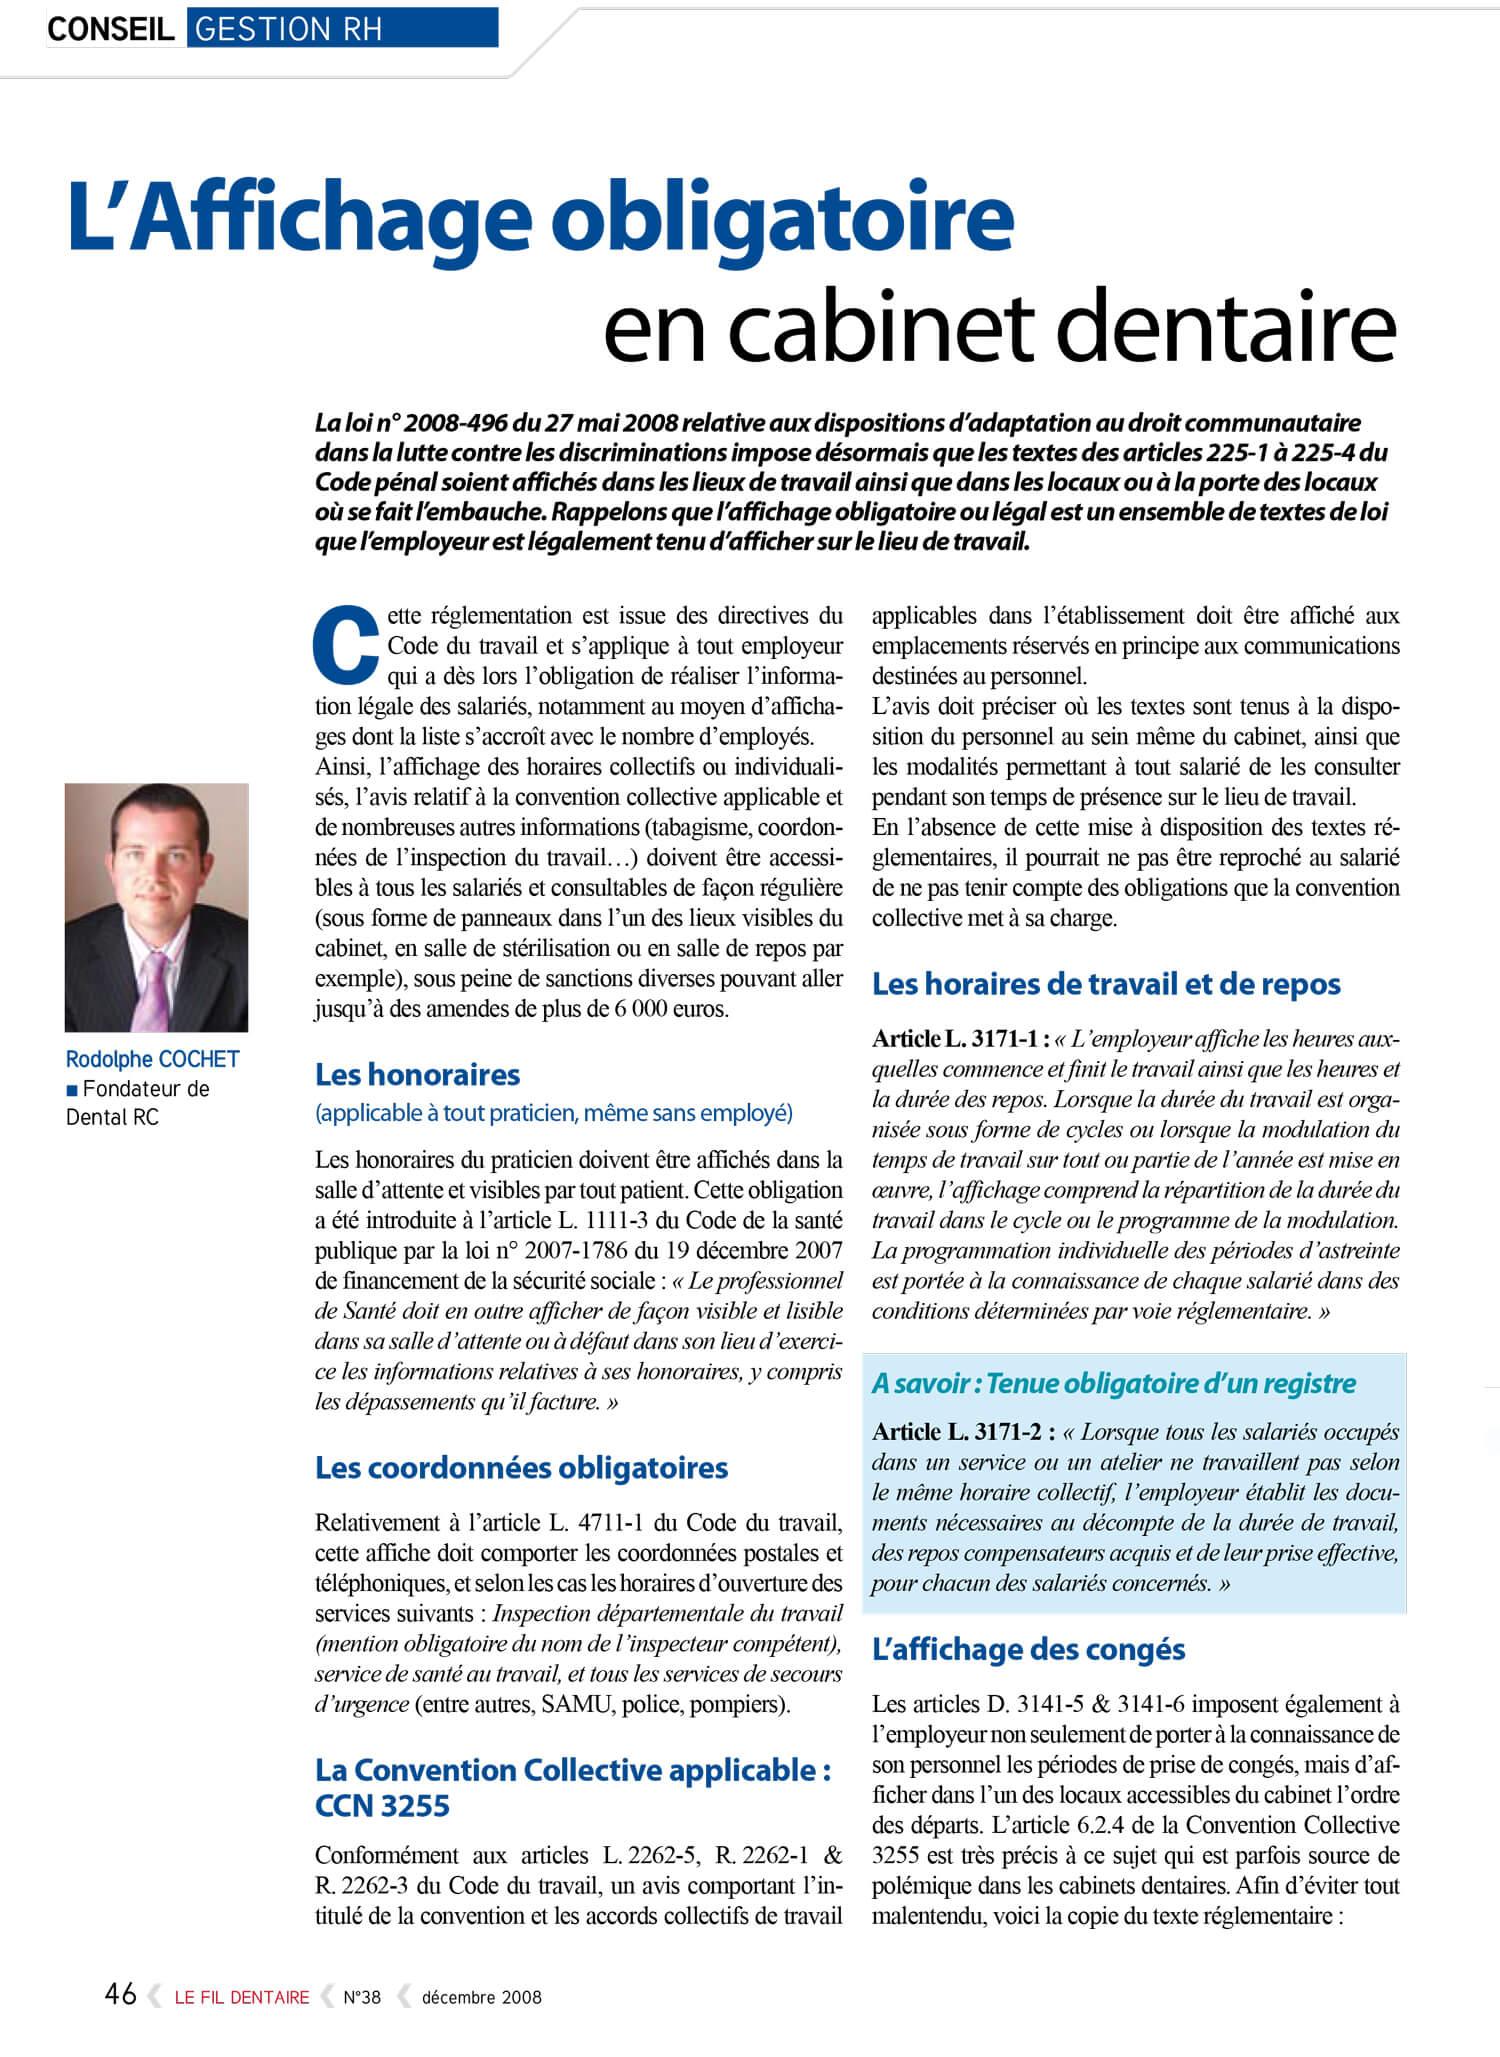 Affichage_obligatoire_cabinet_dentaire_Rodolphe_Cochet.jpg